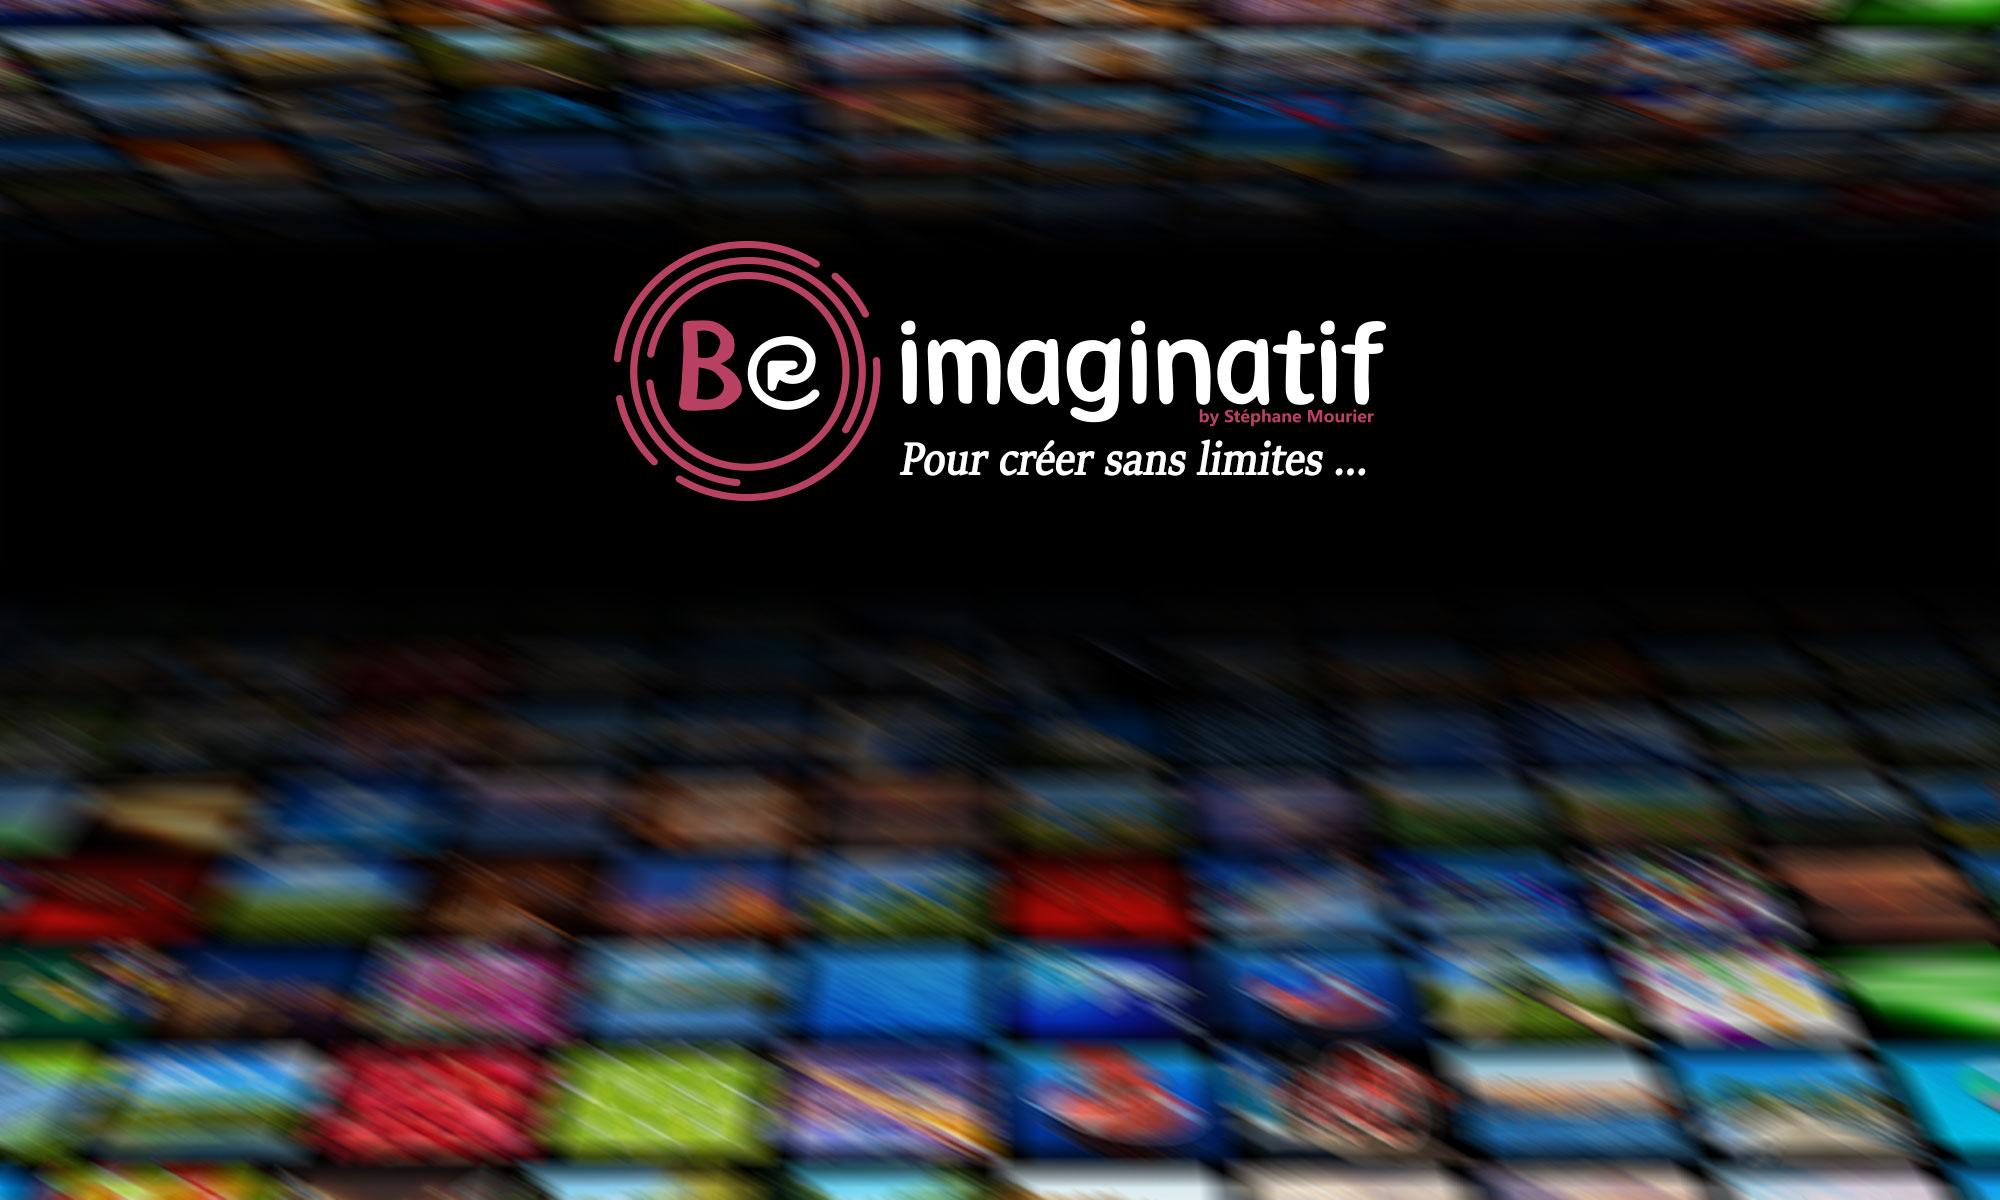 BE IMAGINATIF